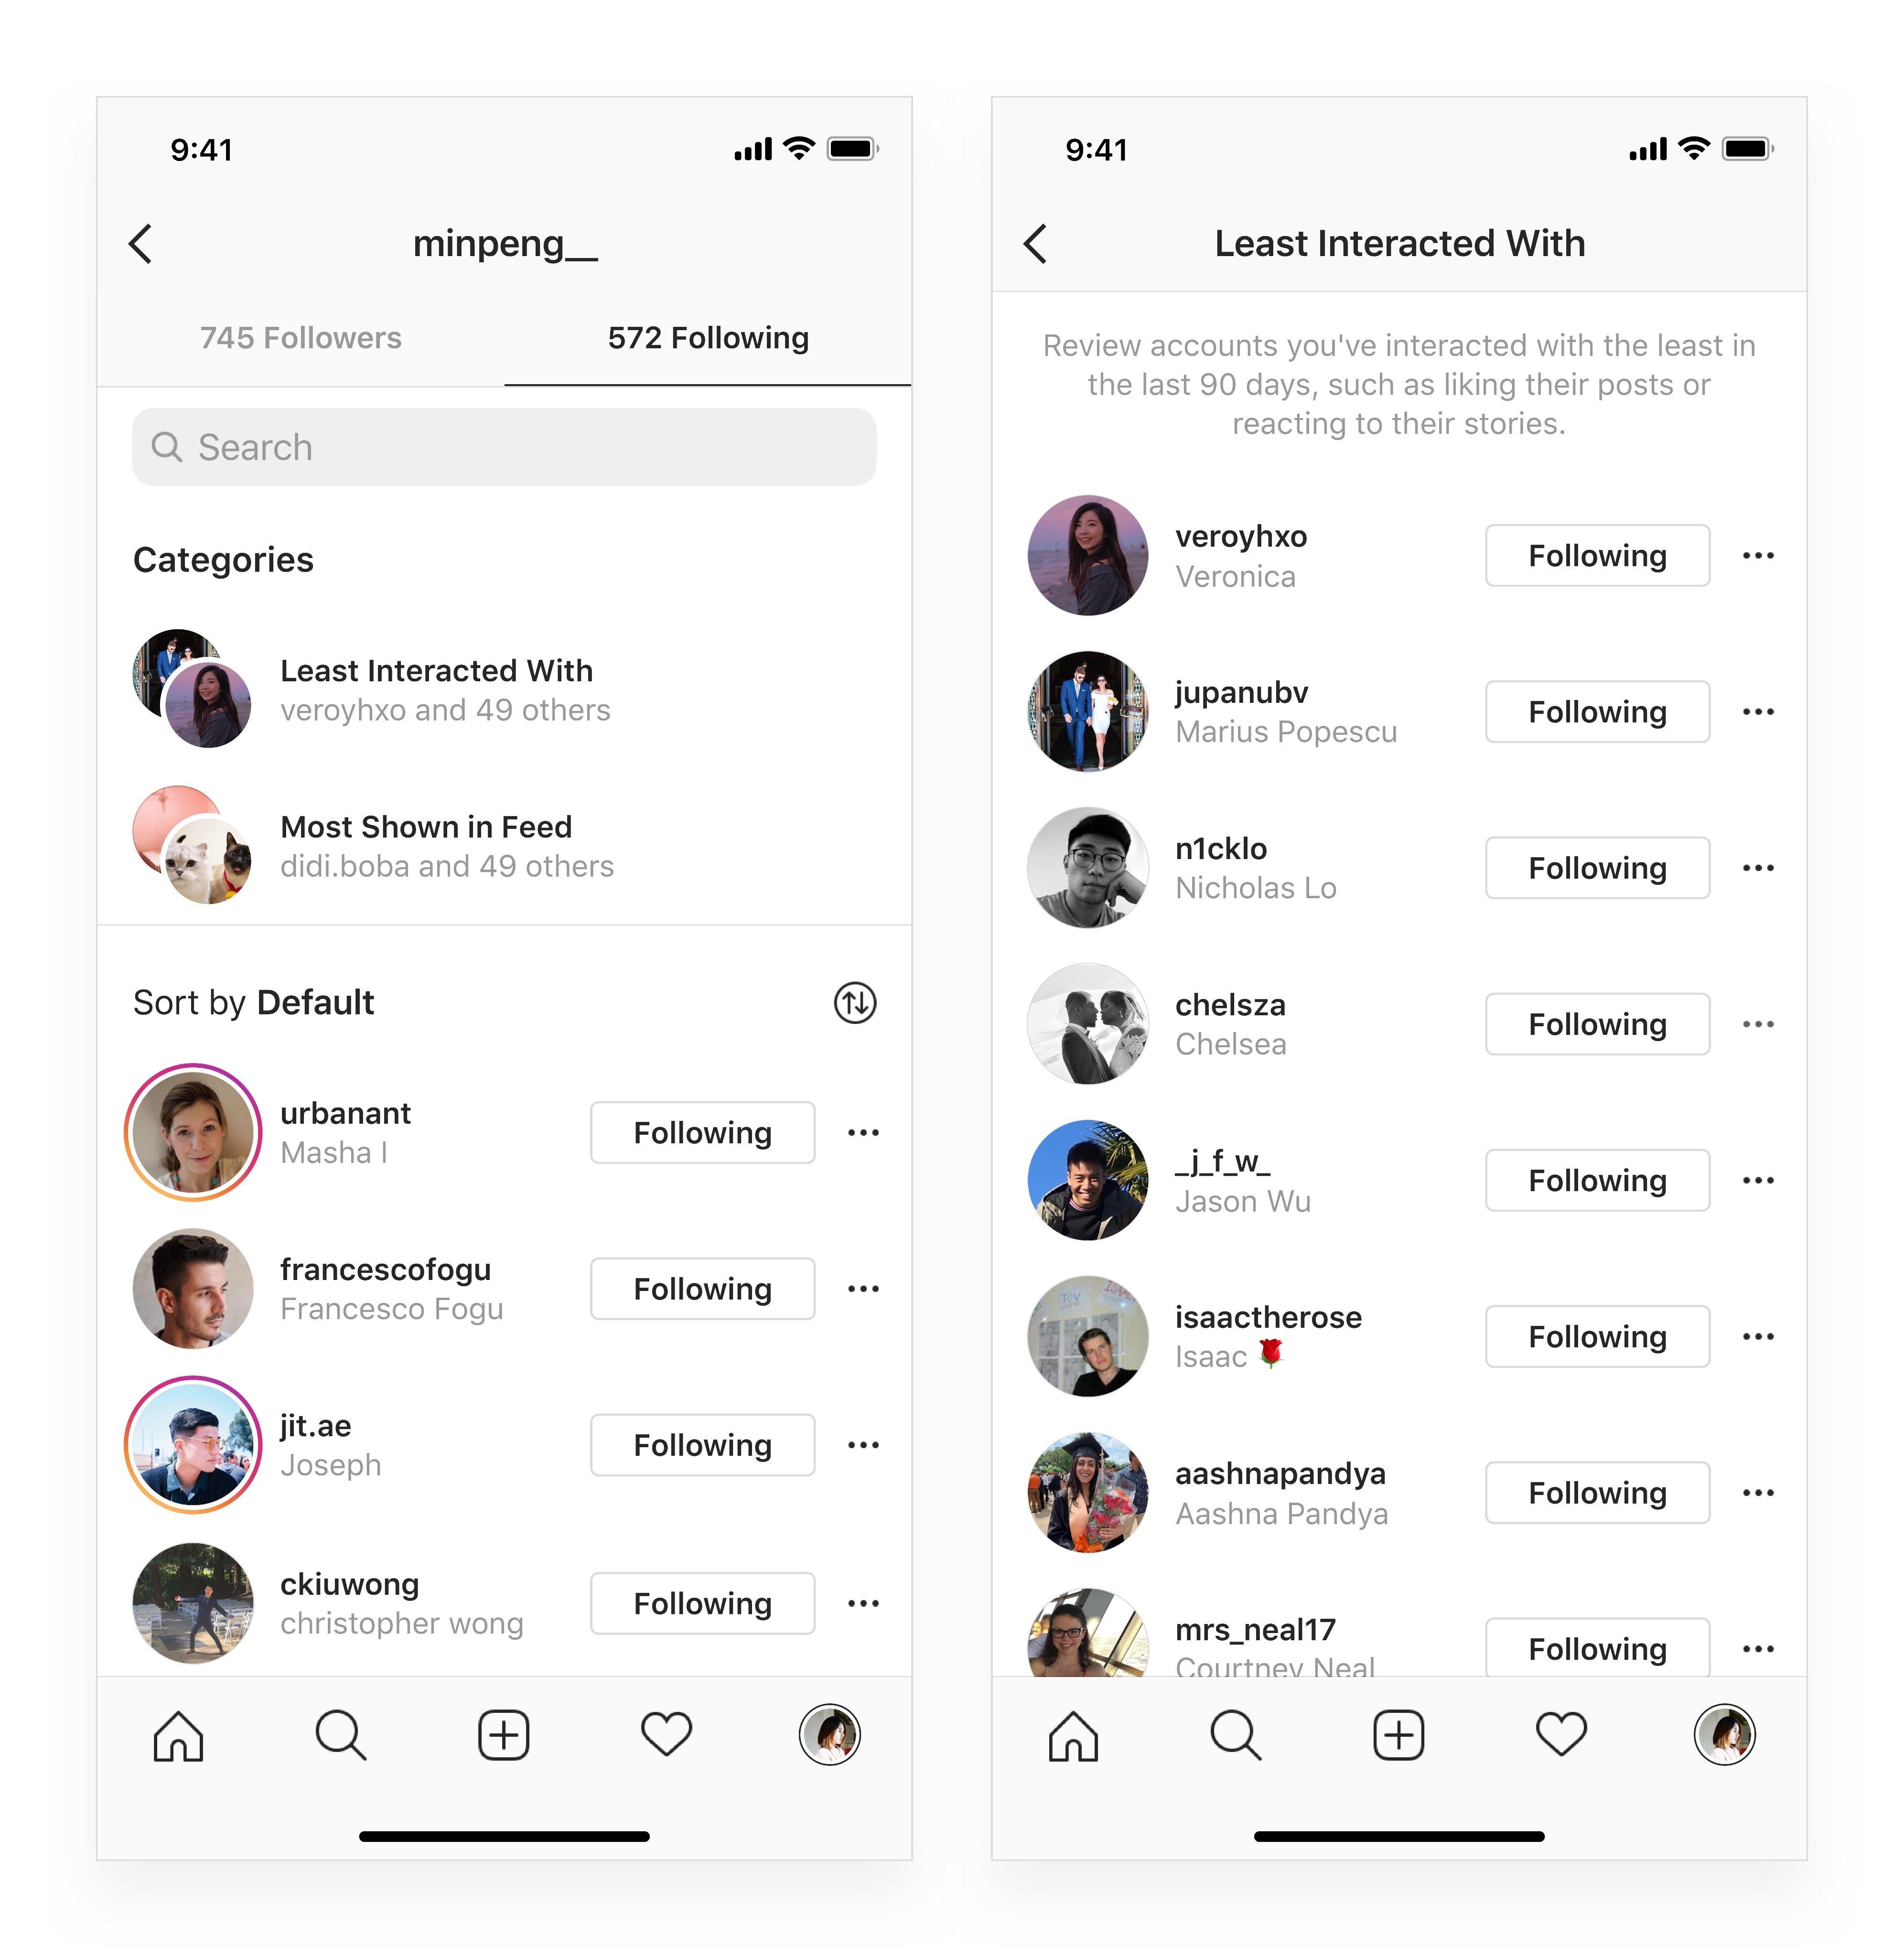 filtragem de contas menos interagidas no instagram